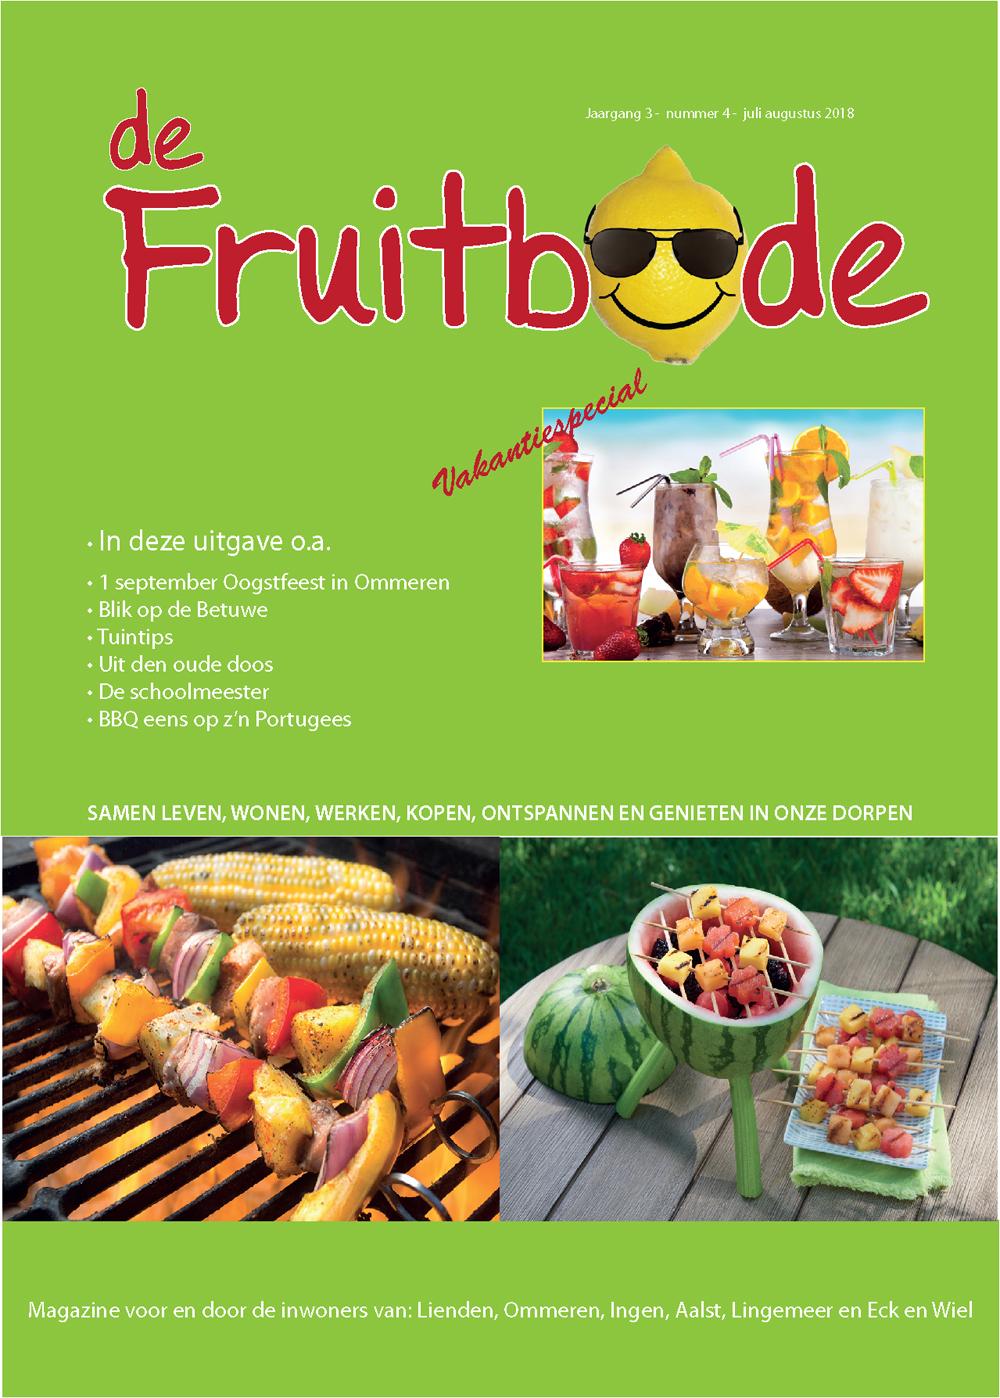 Fruitbode juli – augustus 2018